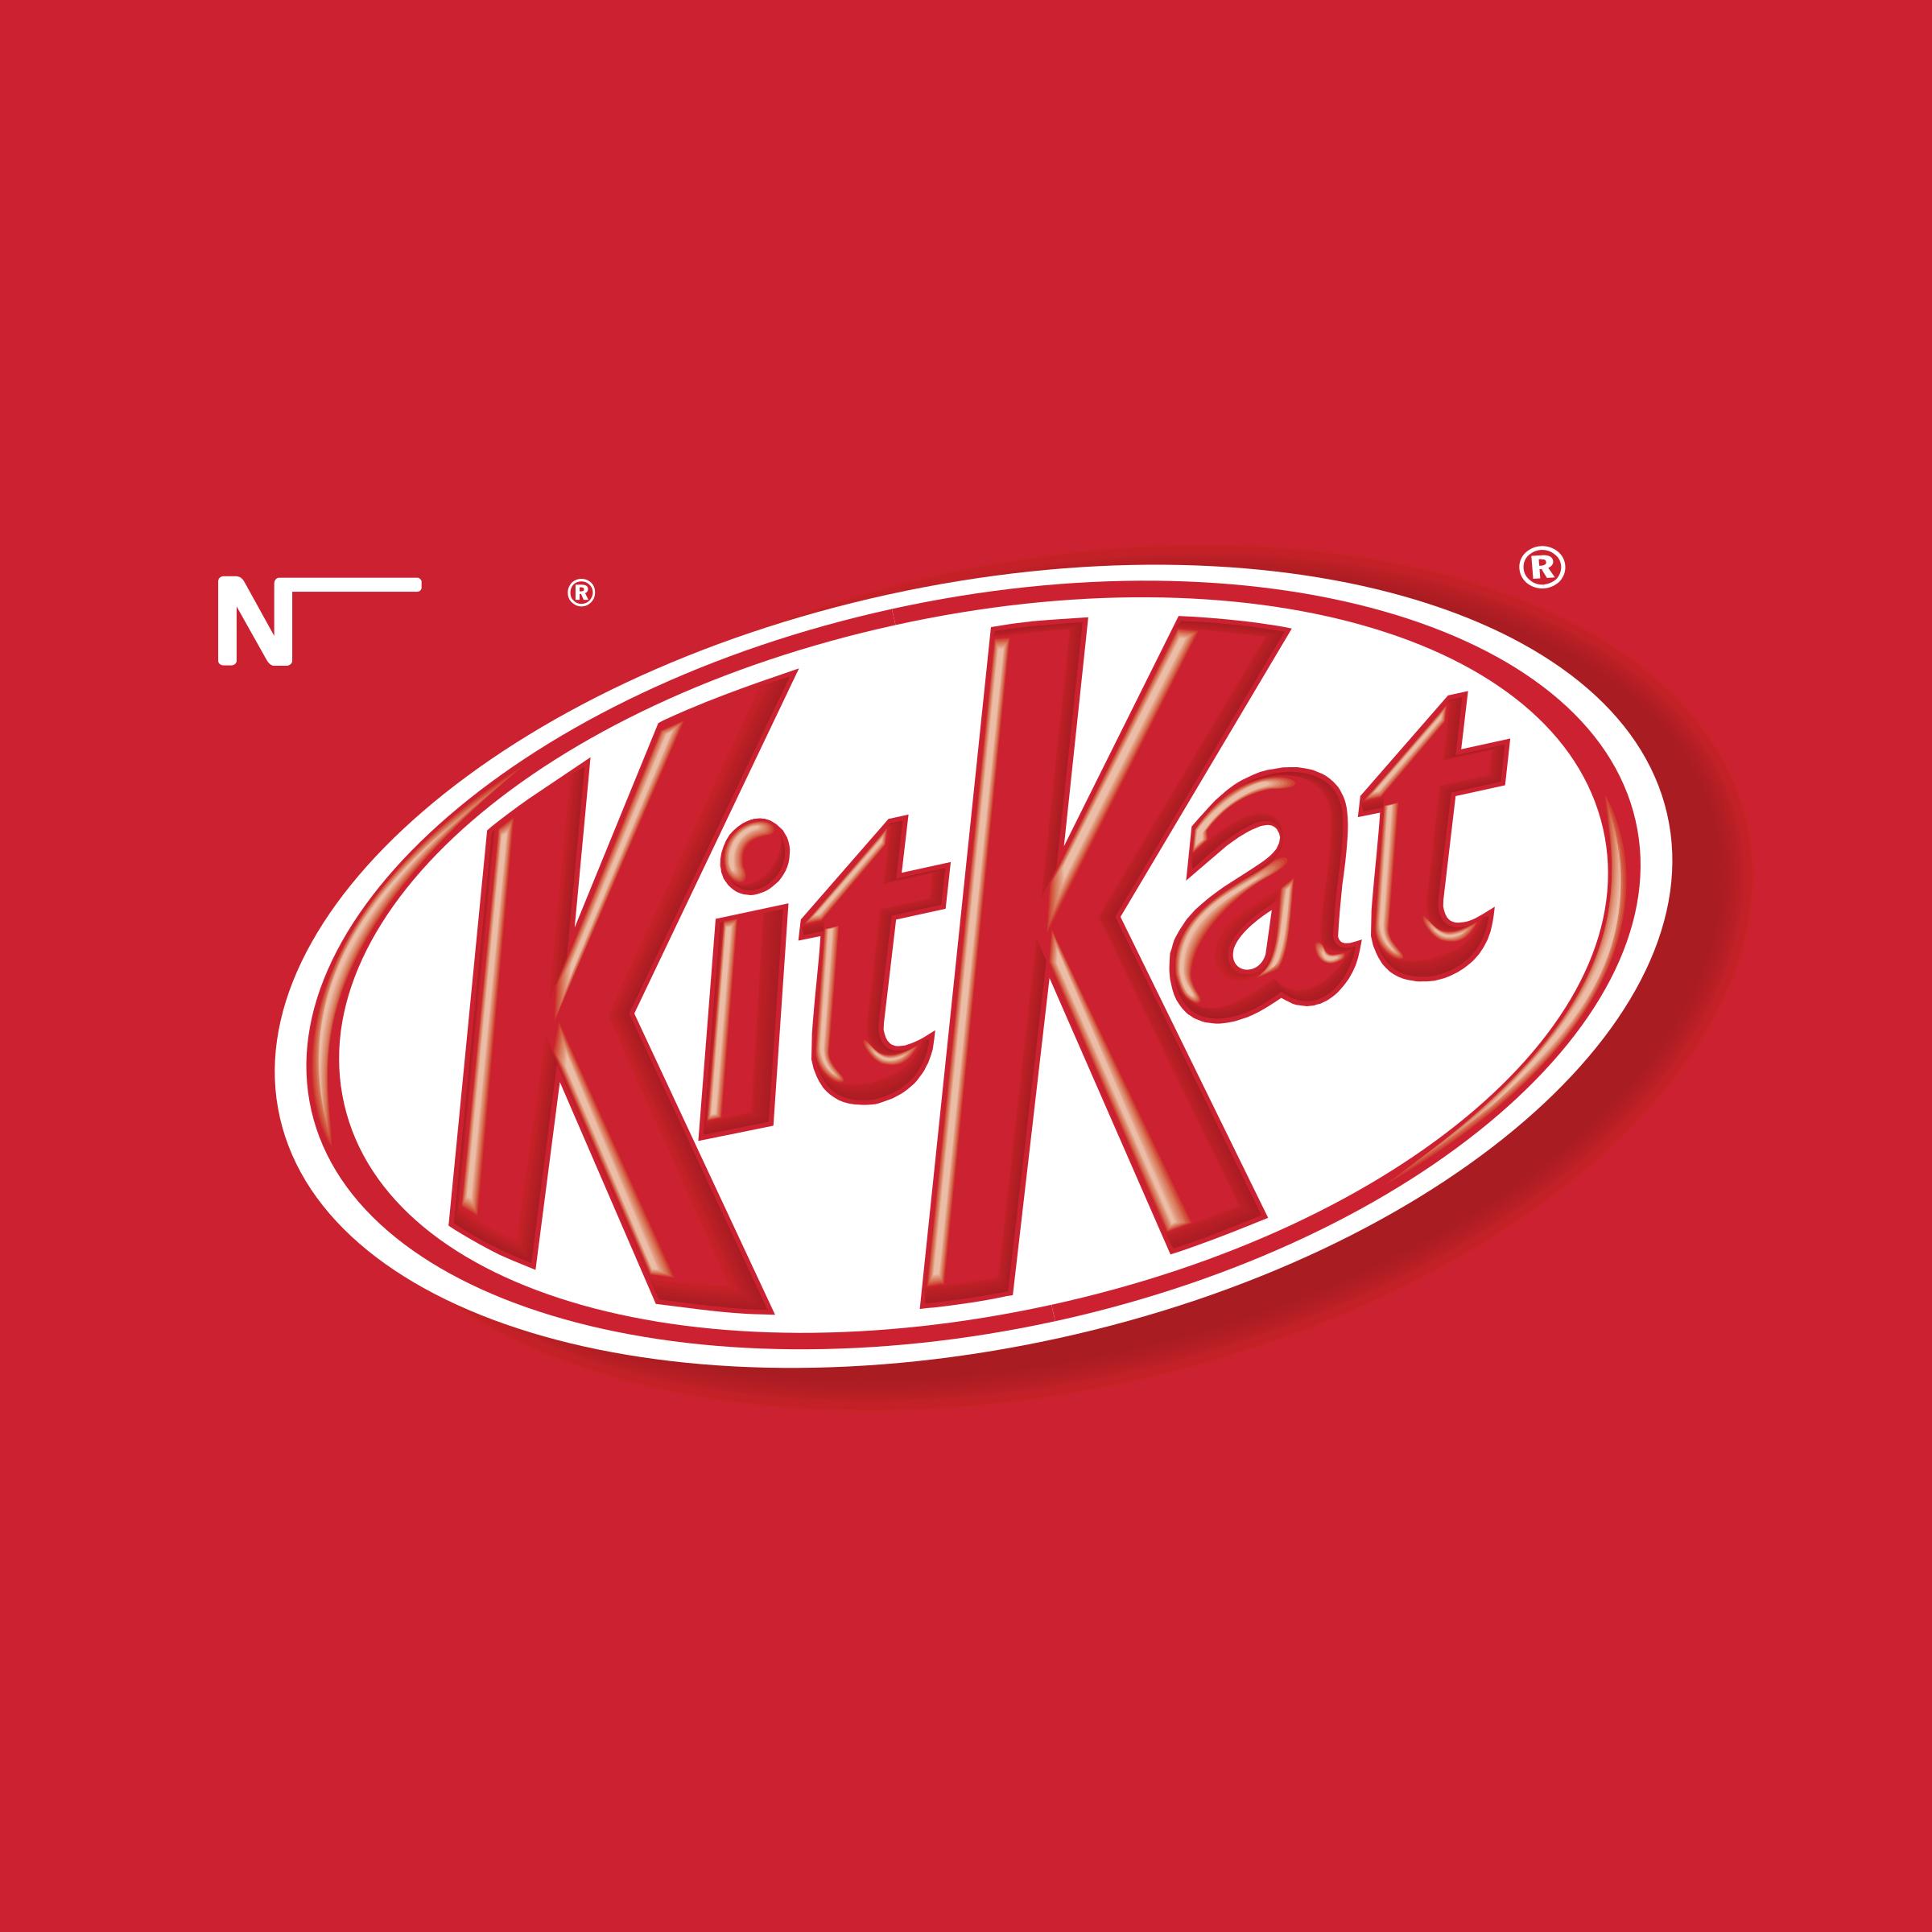 kitkat logo png transparent amp svg vector freebie supply